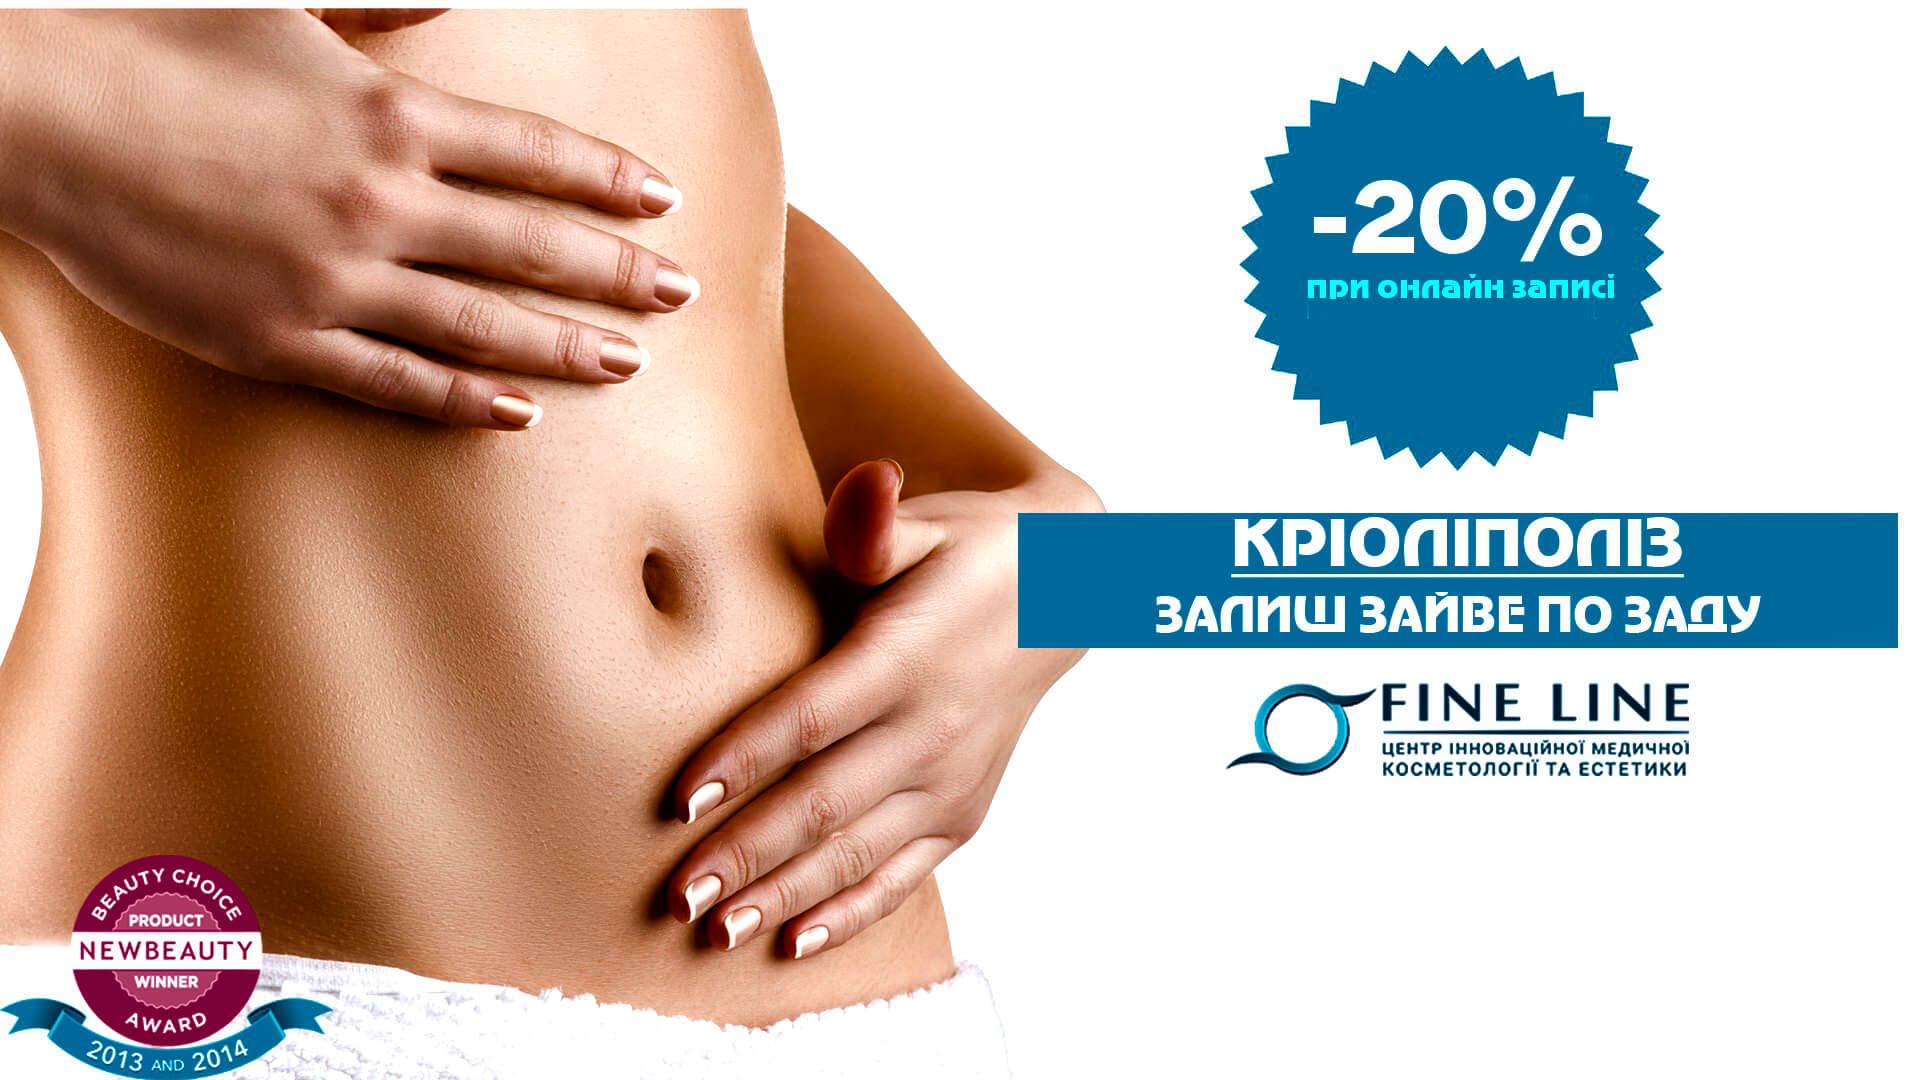 КРІОЛІПОЛІЗ FineLine: косметологічний центр у Івано-Франківську